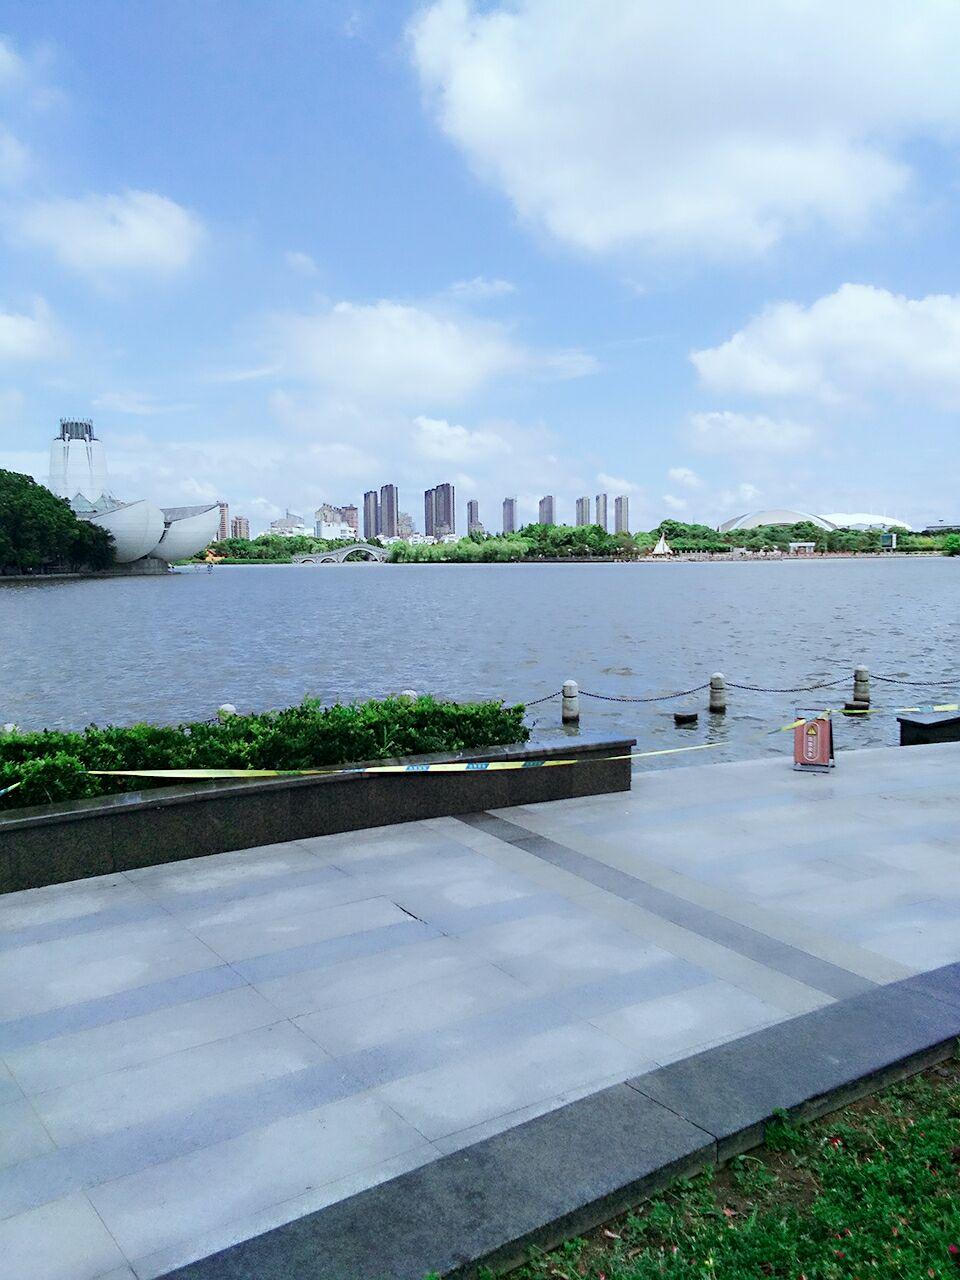 【攜程攻略】浙江嘉興平湖東湖景區好玩嗎,浙江東湖樣